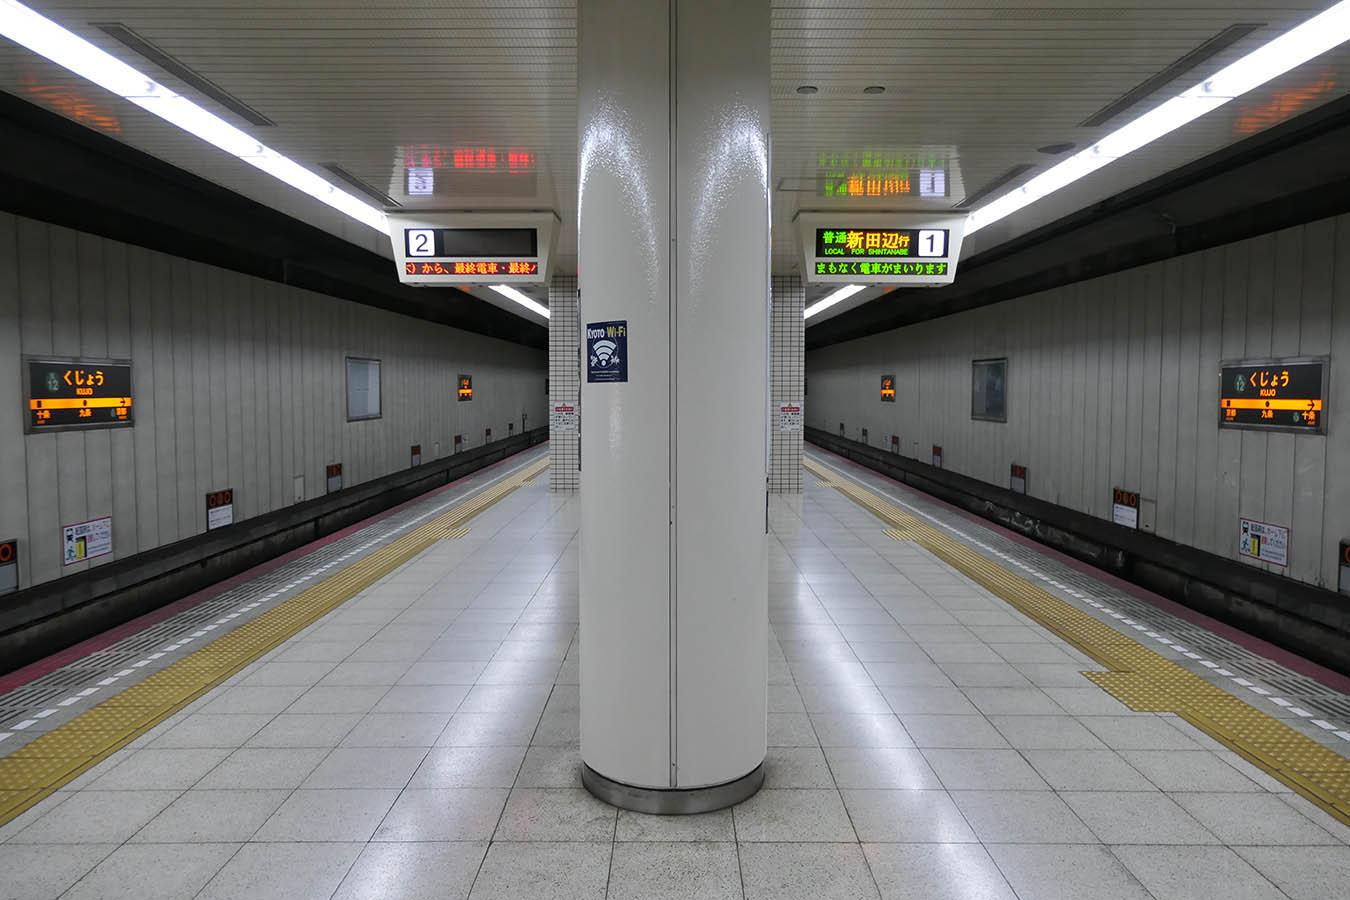 K12_photo03.jpg